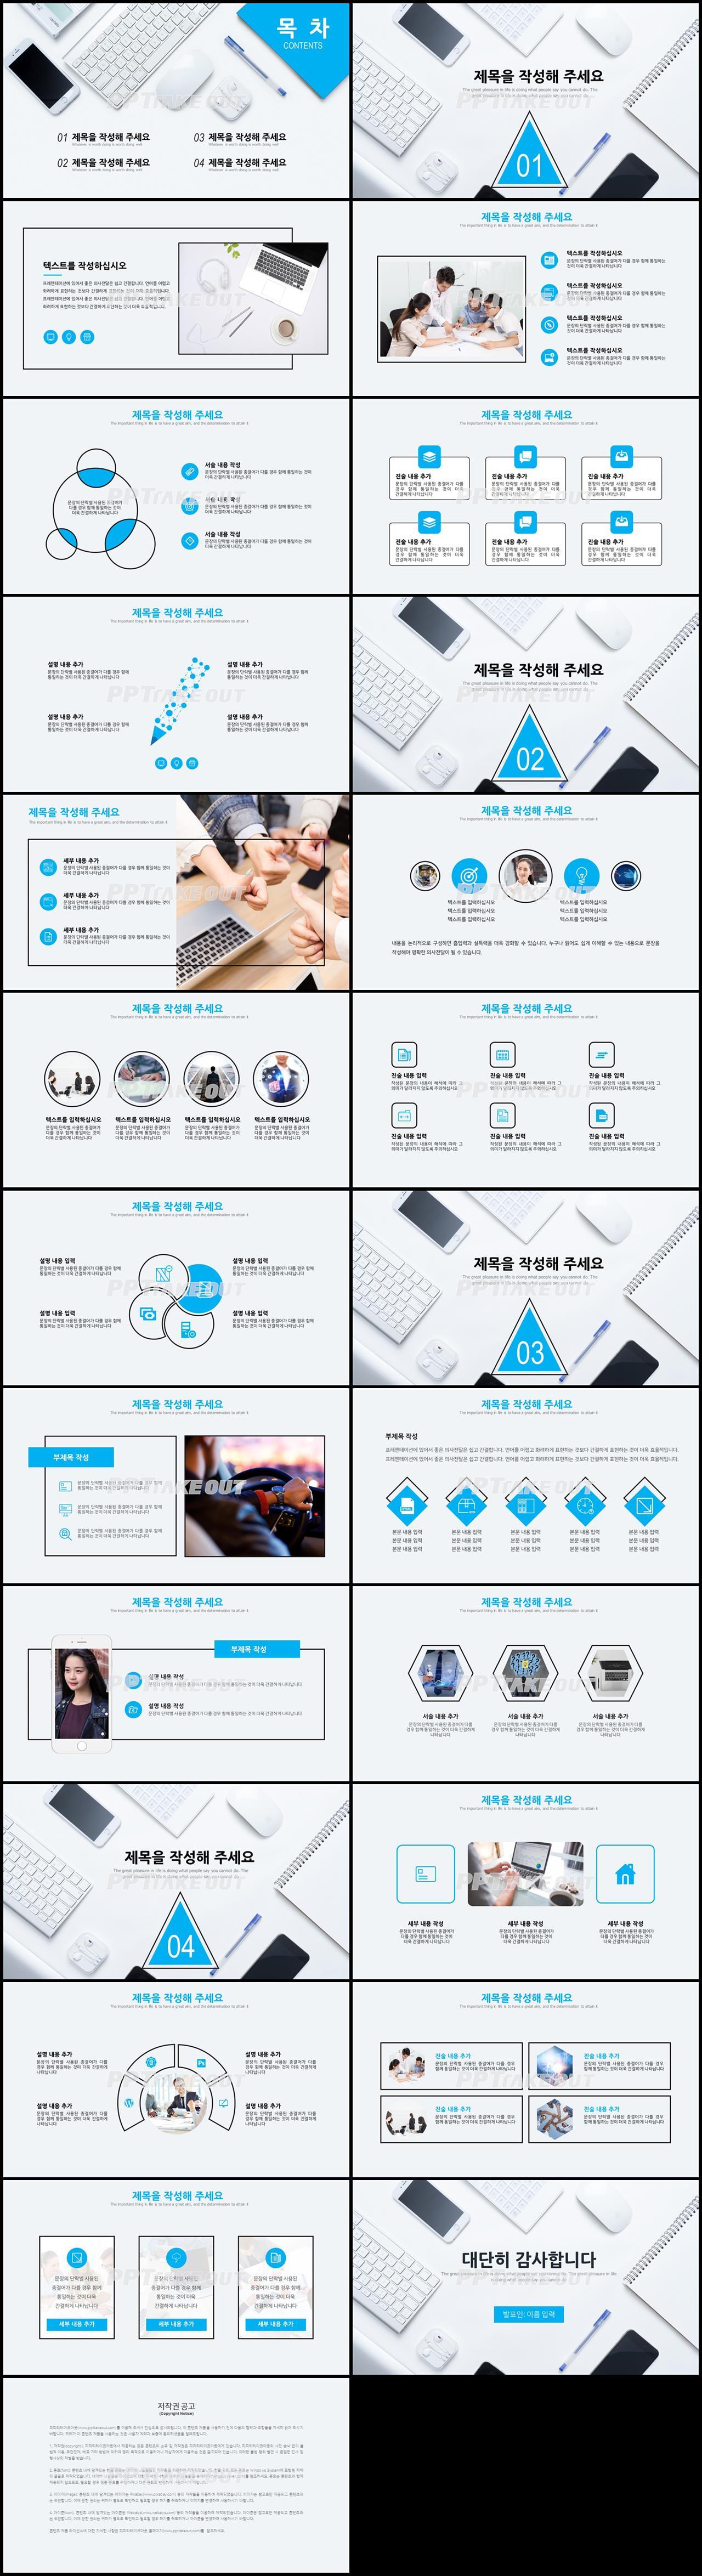 홍보마케팅 청색 세련된 고급스럽운 POWERPOINT배경 사이트 상세보기